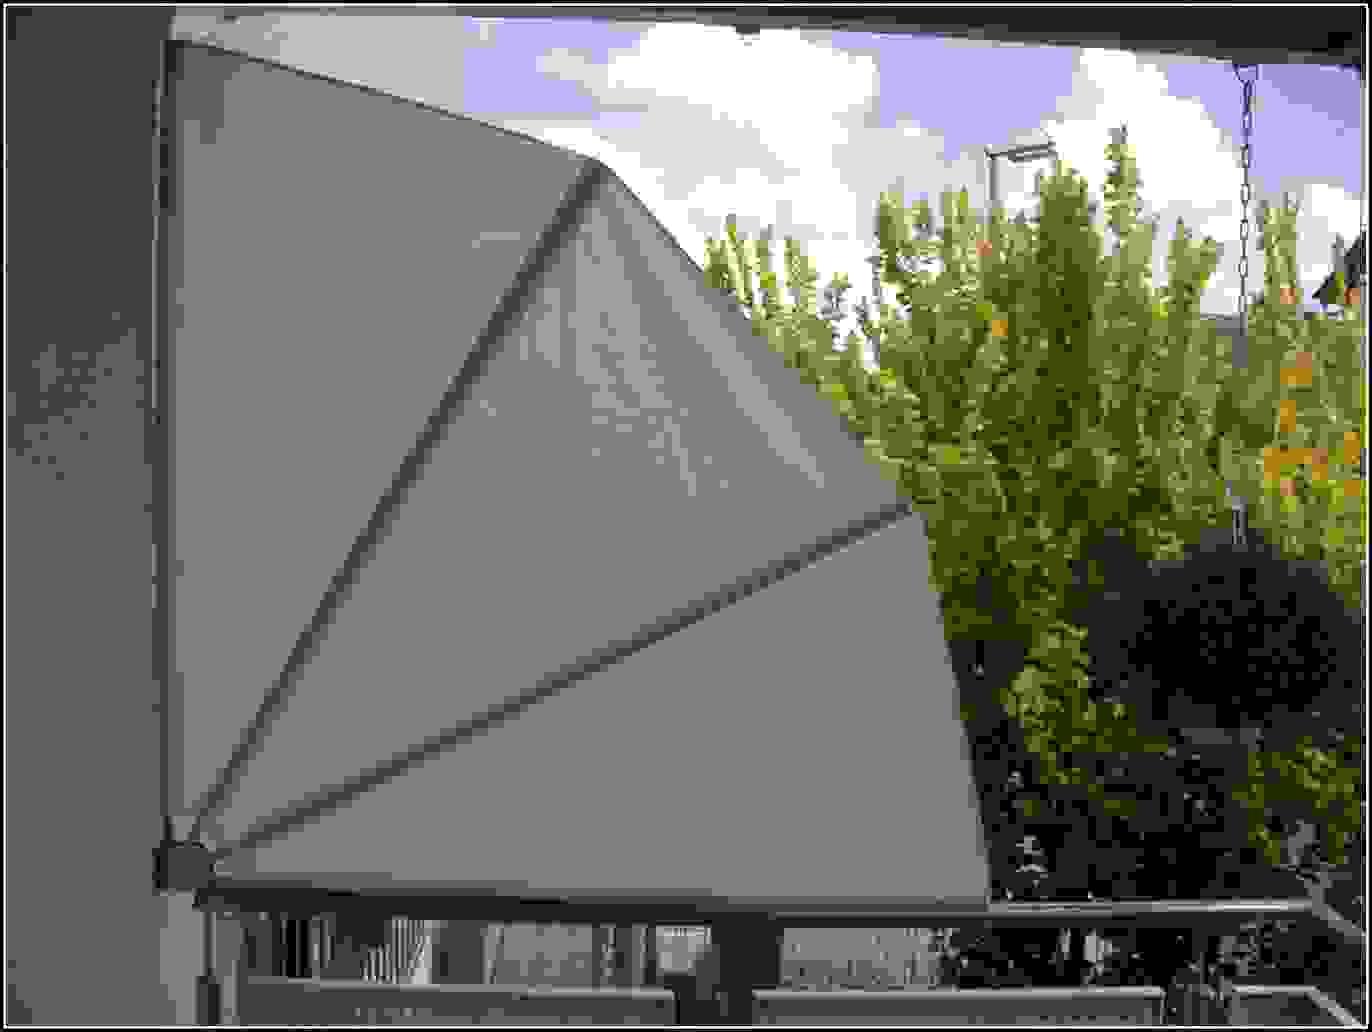 Frisch Von Sichtschutz Fächer Für Balkon Ohne Bohren Ideen  Moderne von Balkon Sichtschutz Fächer Ohne Bohren Bild